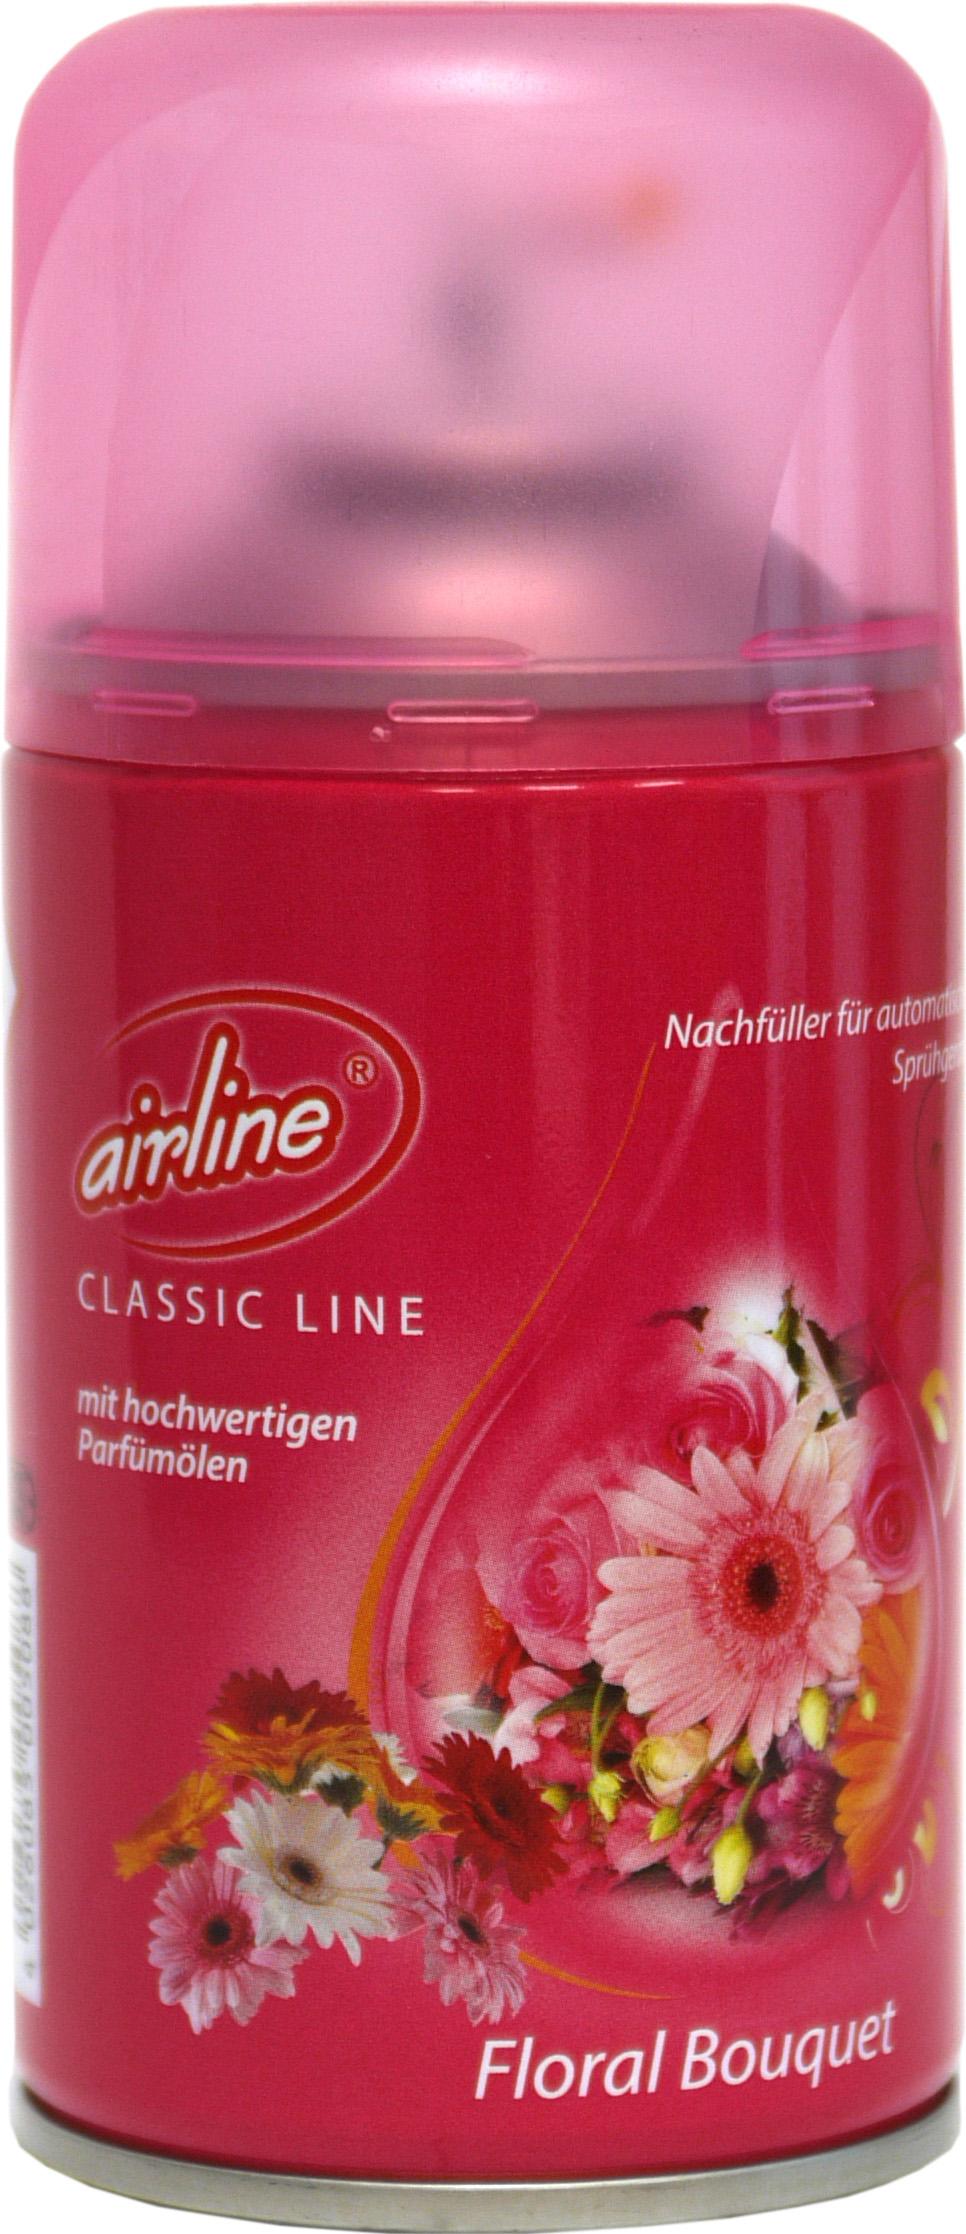 00508 - airline Classic Line Floral Bouquet Nachfüllkartusche 250 ml